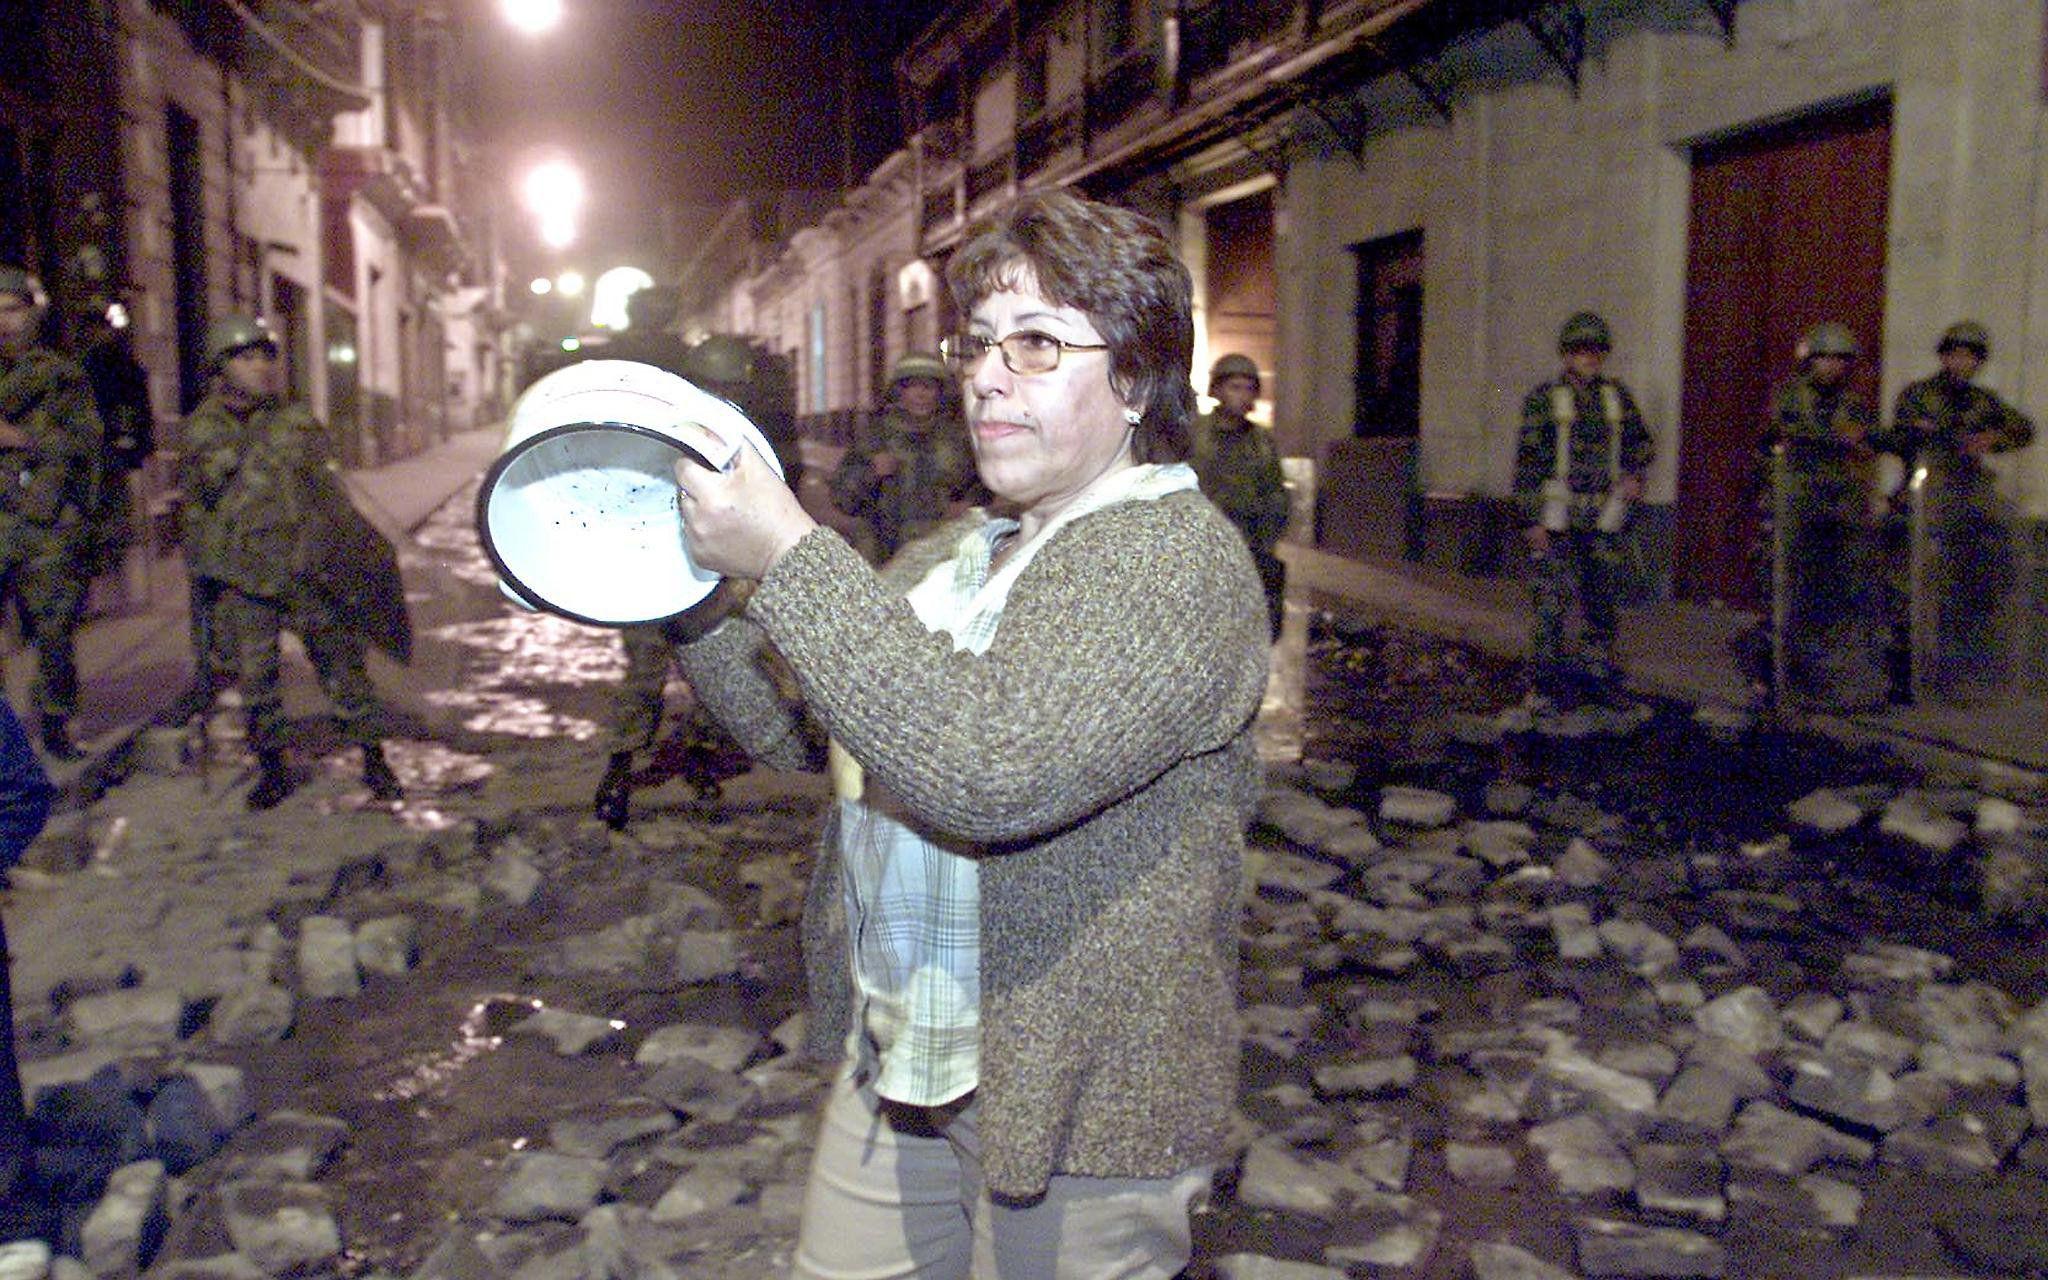 Una mujer golpea una olla frente a soldados del ejercito cerca de la Plaza de Armas de Arequipa, el 18 de junio de 2002, en protesta por el decreto de estado de emergencia y toque de queda en este departamento. La medida se tomo luego que la privatizacion de las estatales Egasa y Egesur provocaron una ola de protestas en este lugar del país. (Foto: Jaime Razuri / AFP)